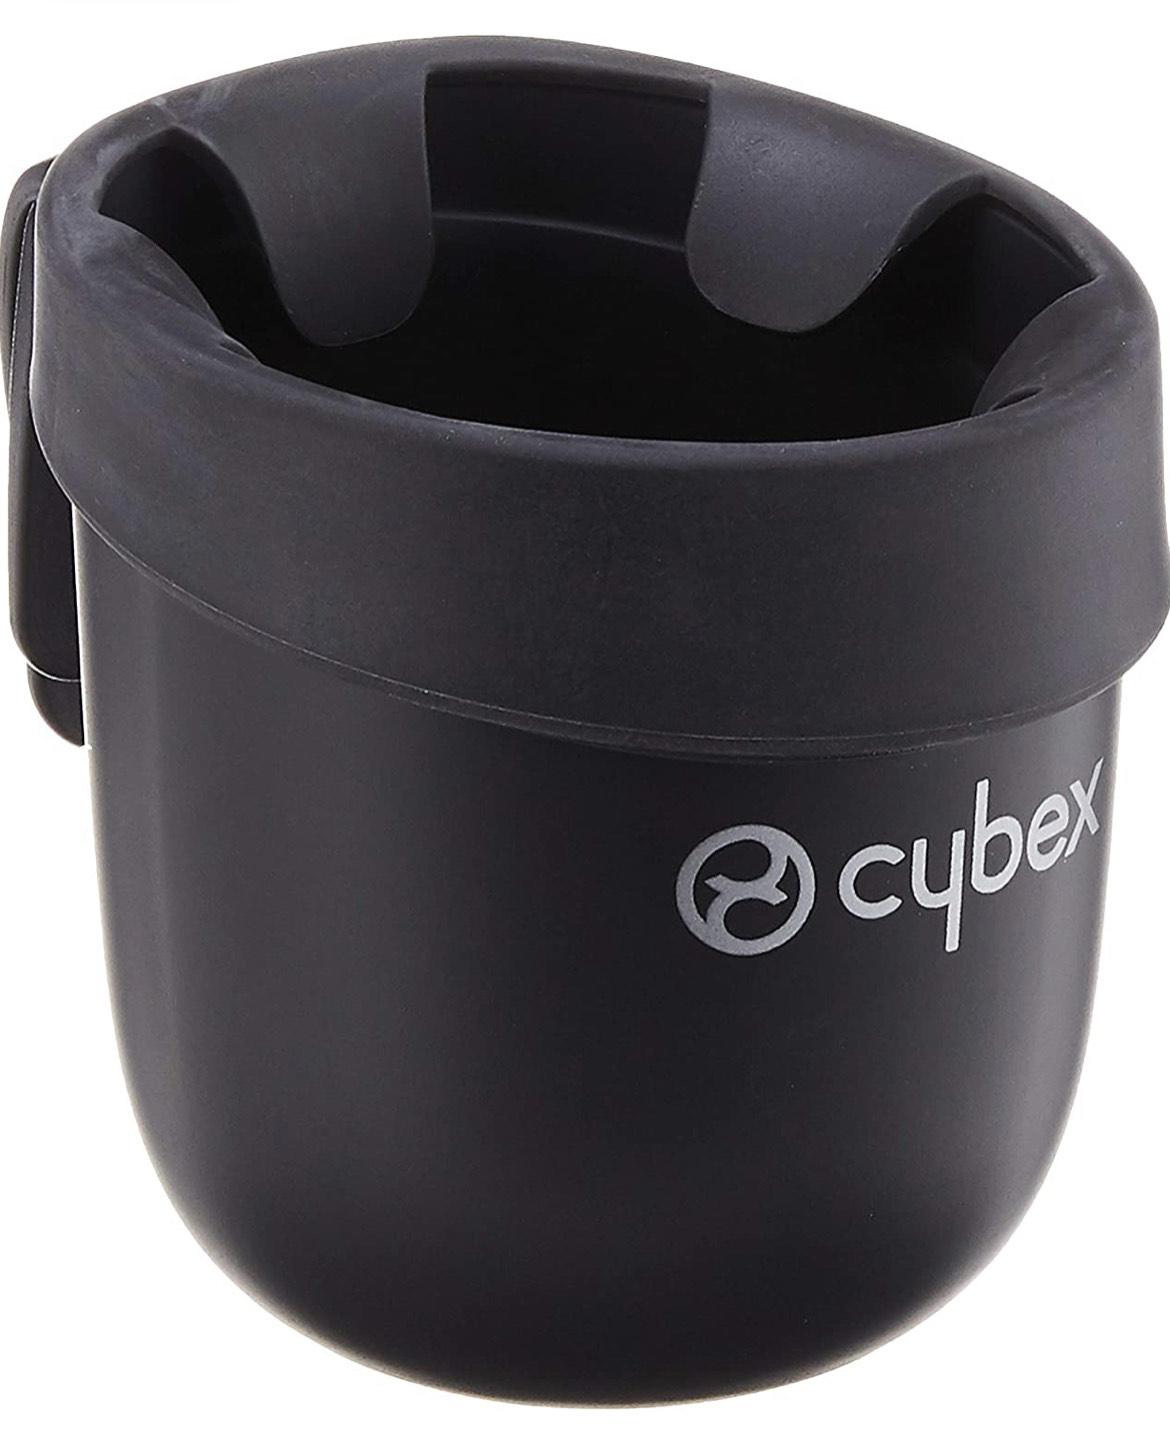 [Amazon.co.uk] Cybex Getränkehalter für Autokindersitze